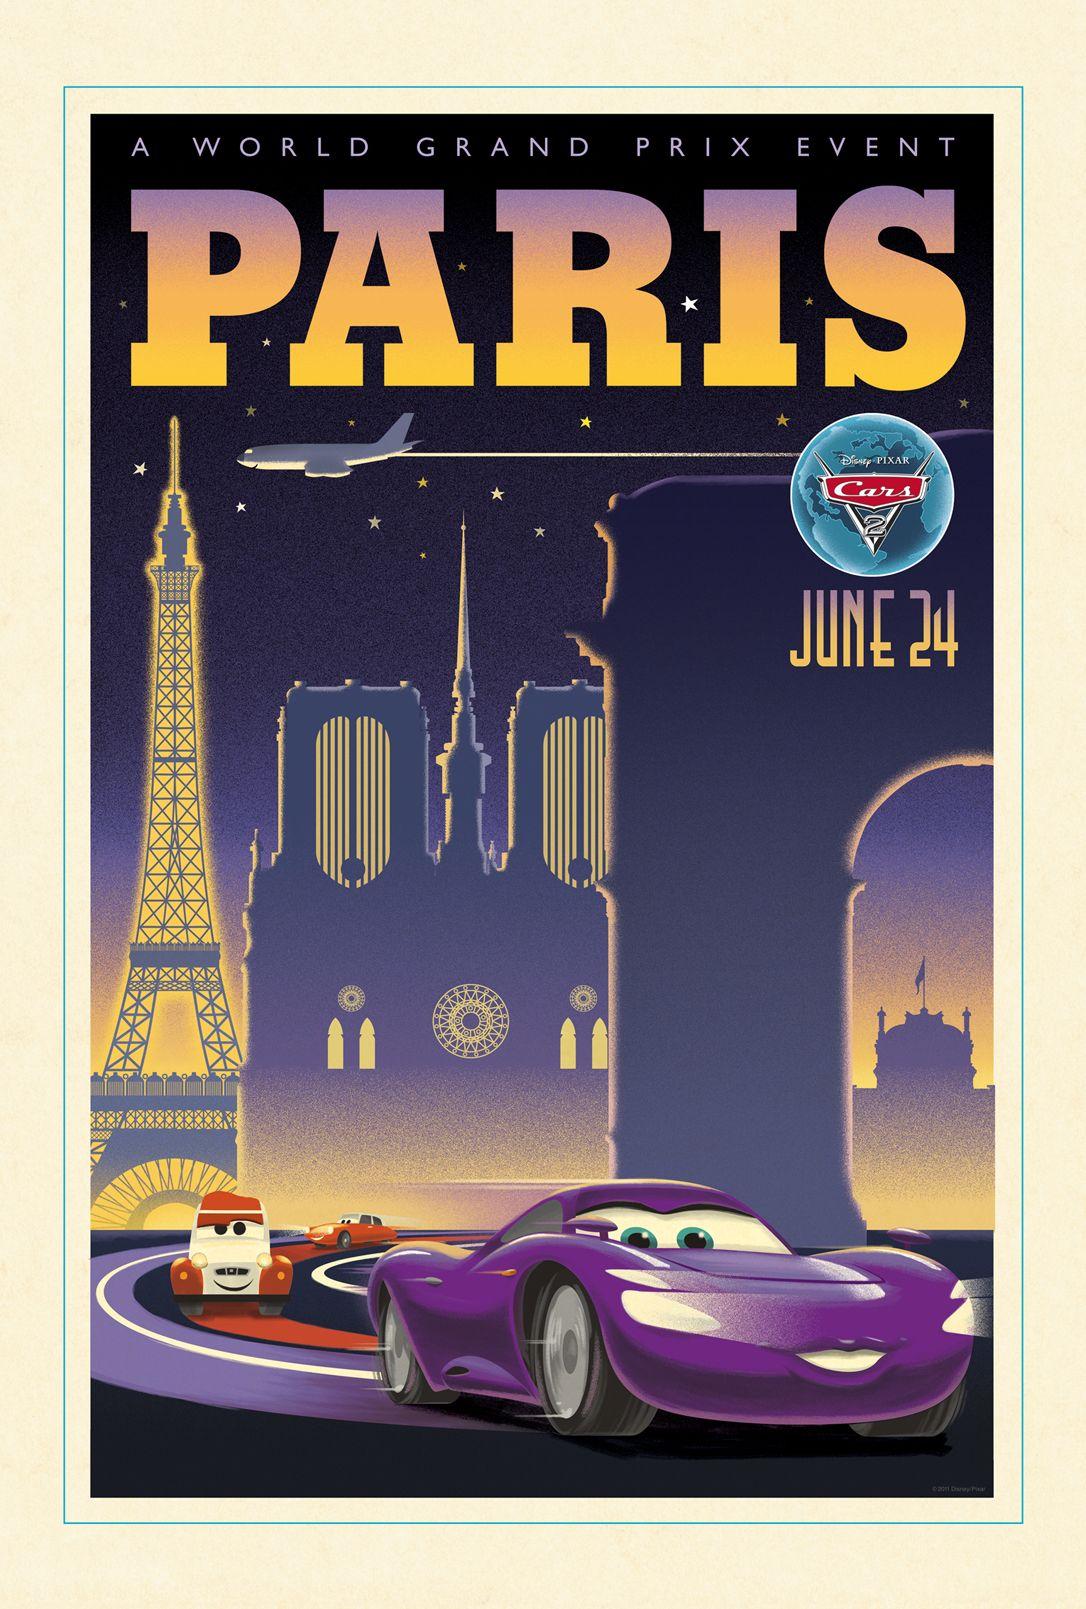 Cars 2 au cinema le 27 juillet 2011 Affiche rétro